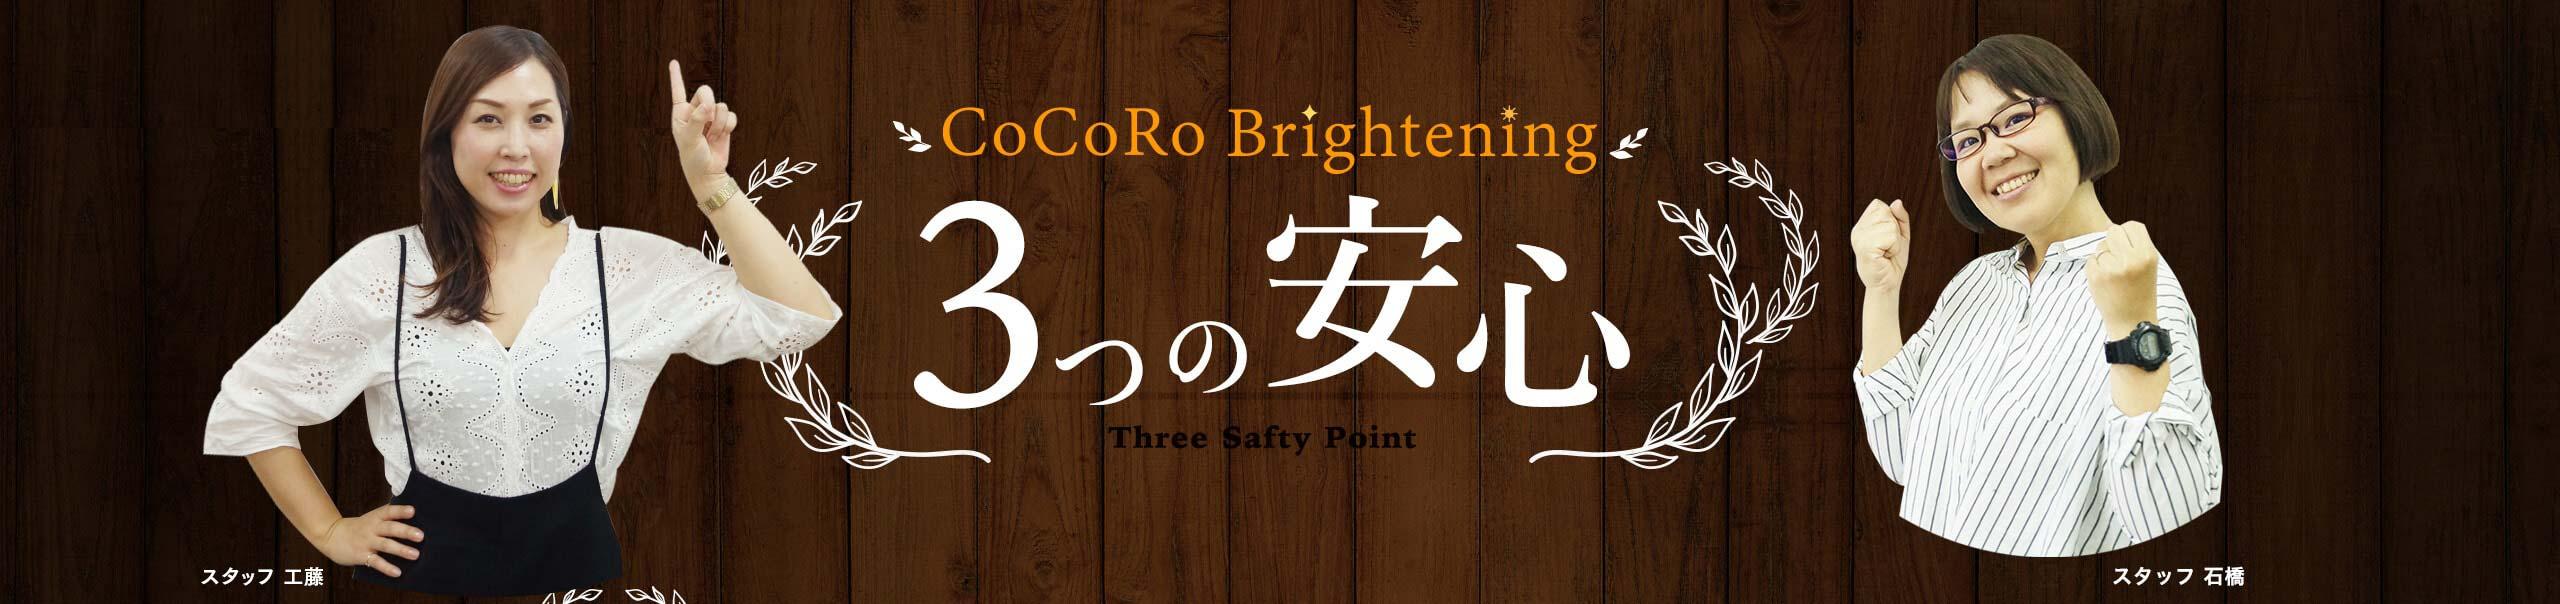 CoCoRoBrighteningの3つの安心